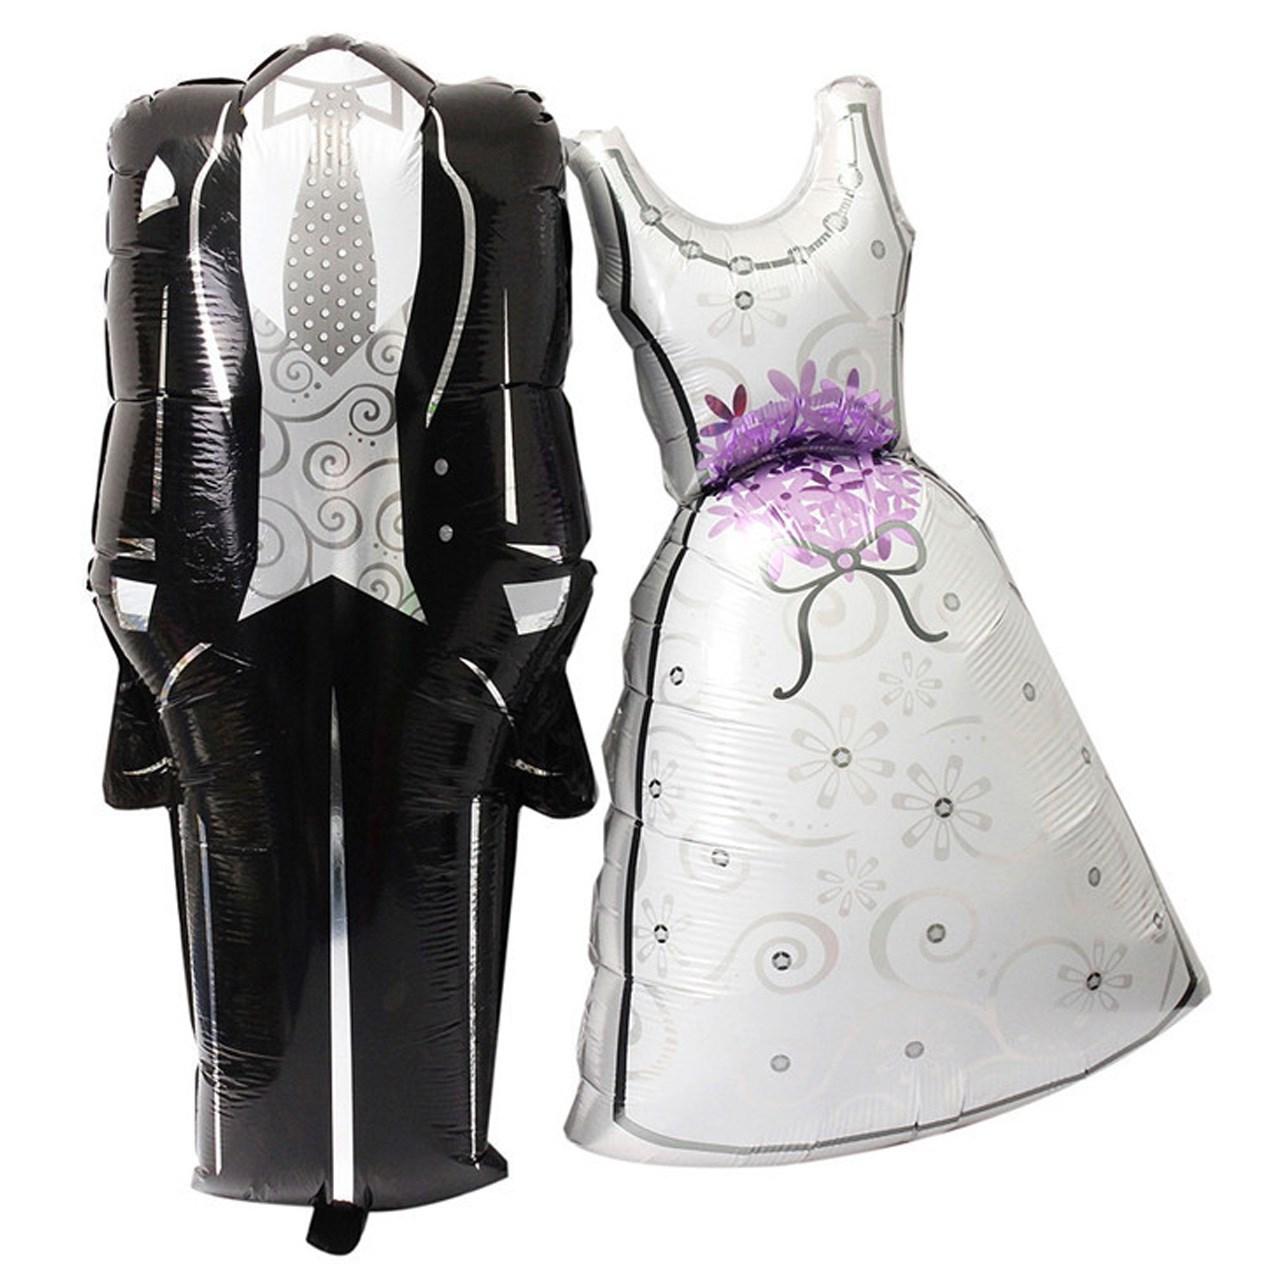 عکس بادکنک سورتک طرح عروس و داماد مدل فویلی